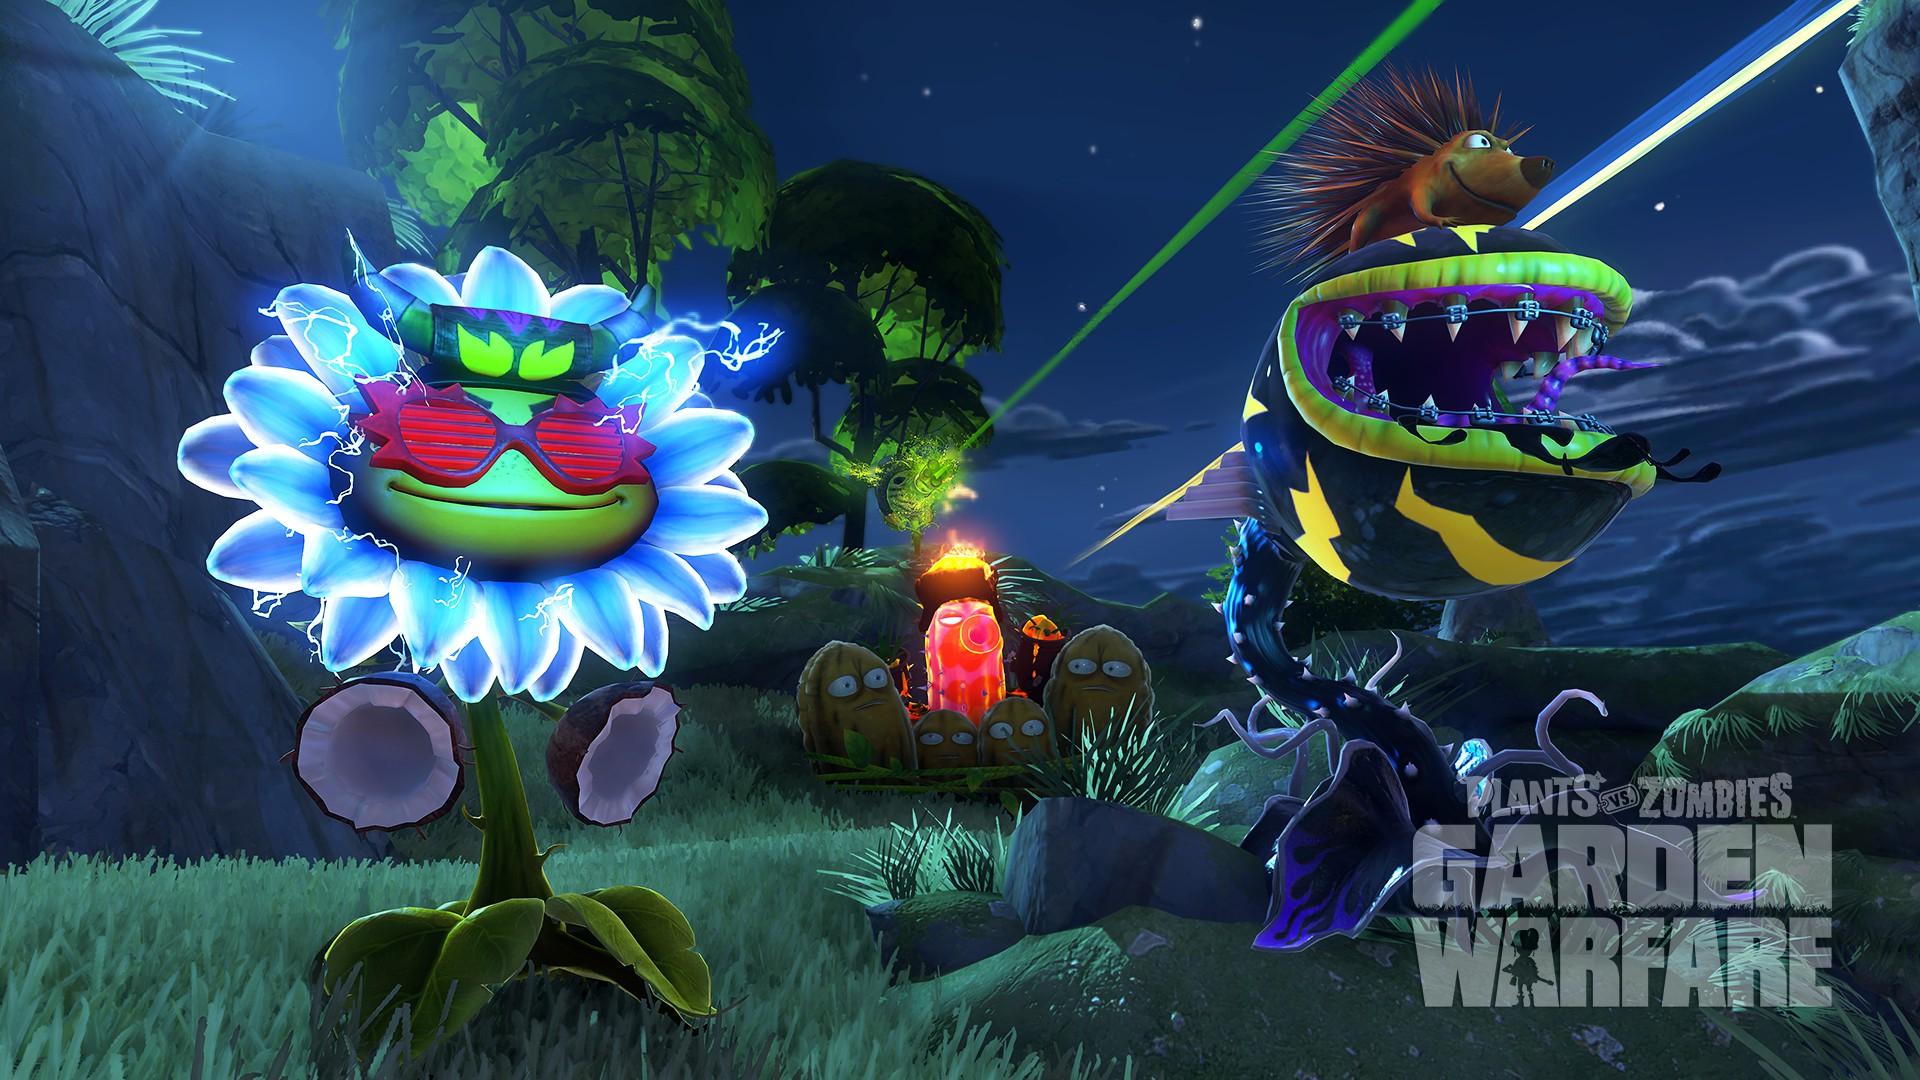 plants-vs-zombies-garden-warfare-psc-9